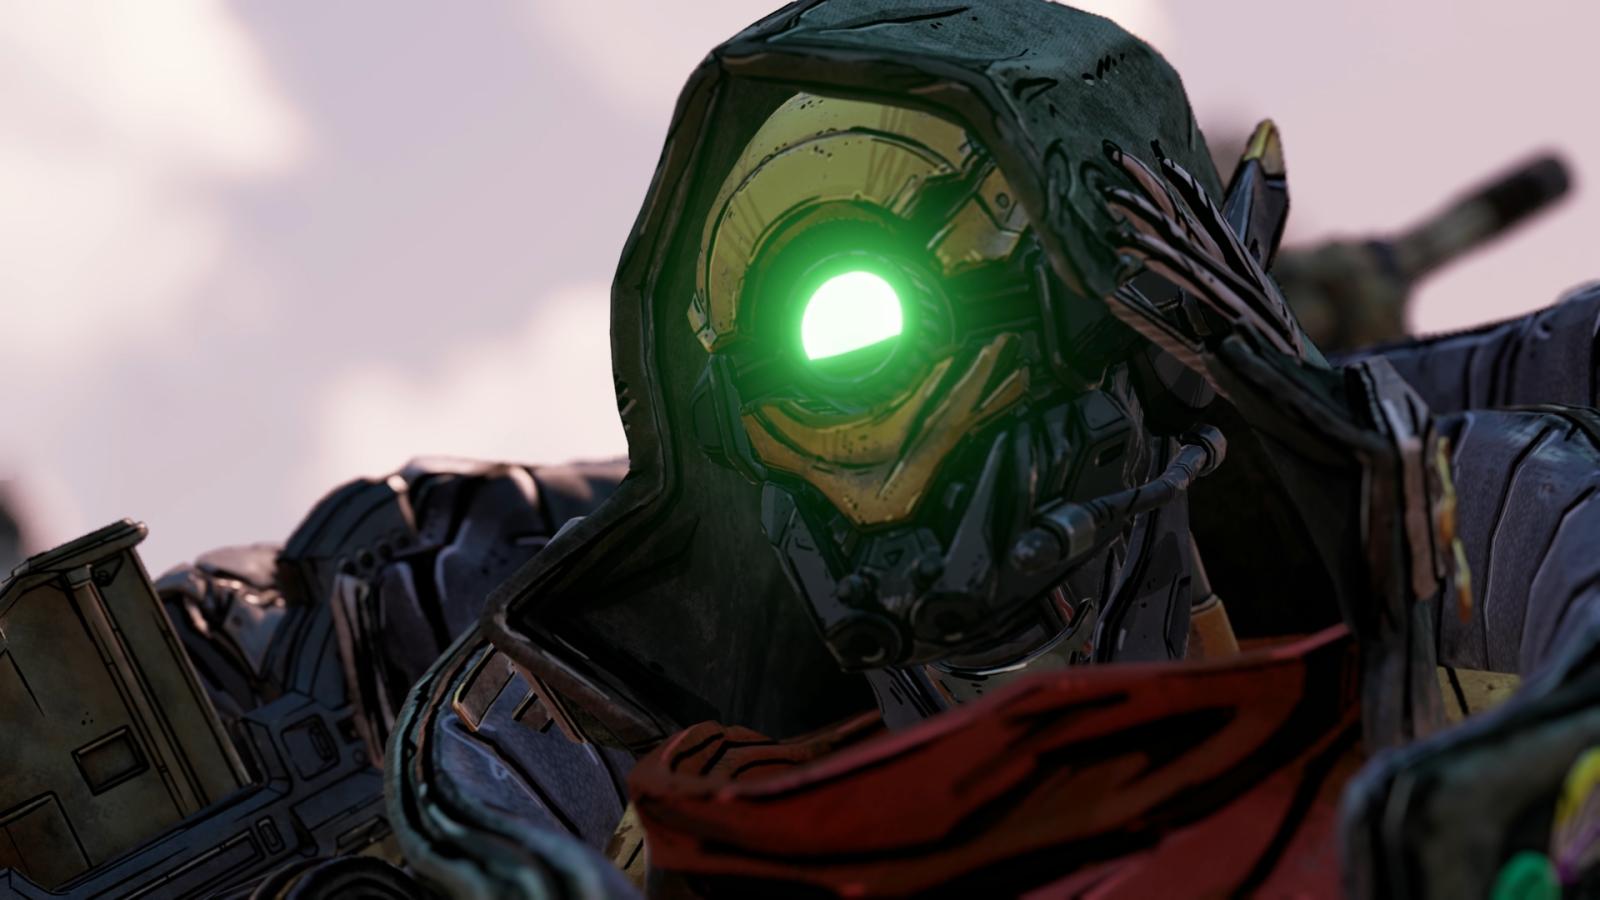 召唤野兽并肩作战,《无主之地3》新角色预告公布